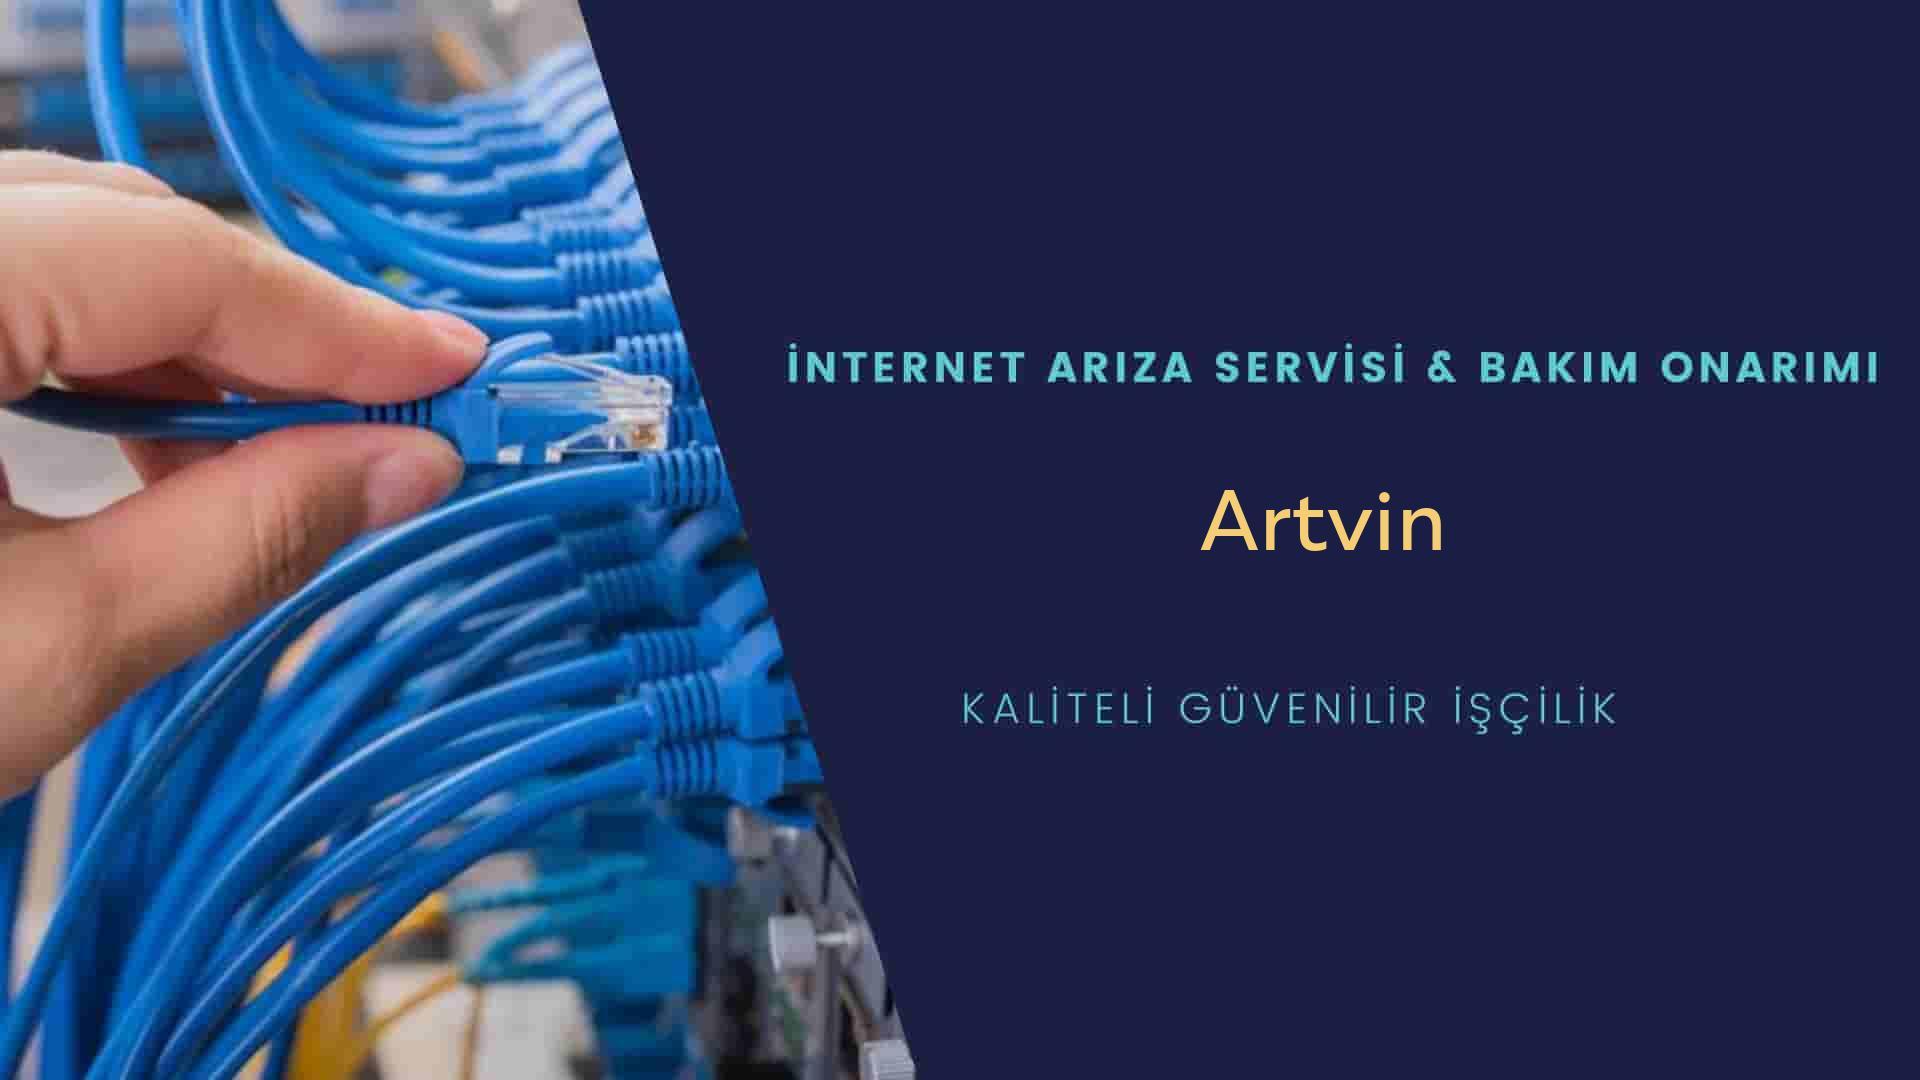 Artvin internet kablosu çekimi yapan yerler veya elektrikçiler mi? arıyorsunuz doğru yerdesiniz o zaman sizlere 7/24 yardımcı olacak profesyonel ustalarımız bir telefon kadar yakındır size.